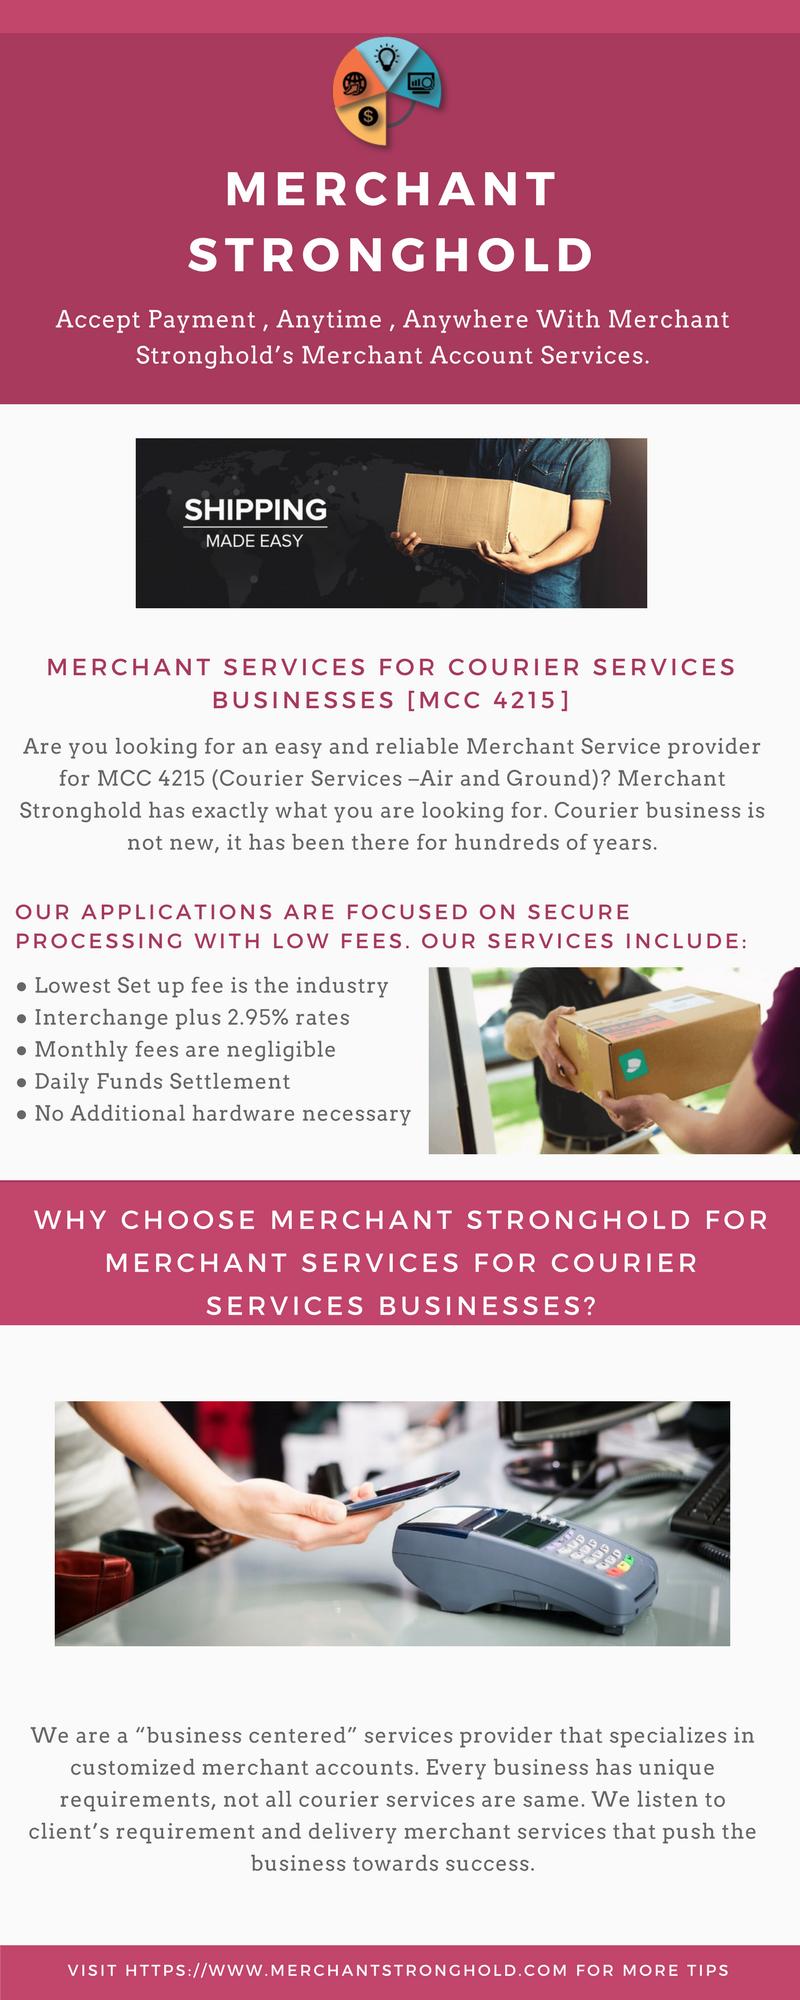 Merchant Account Services For Courier Services Businesses | Merchant